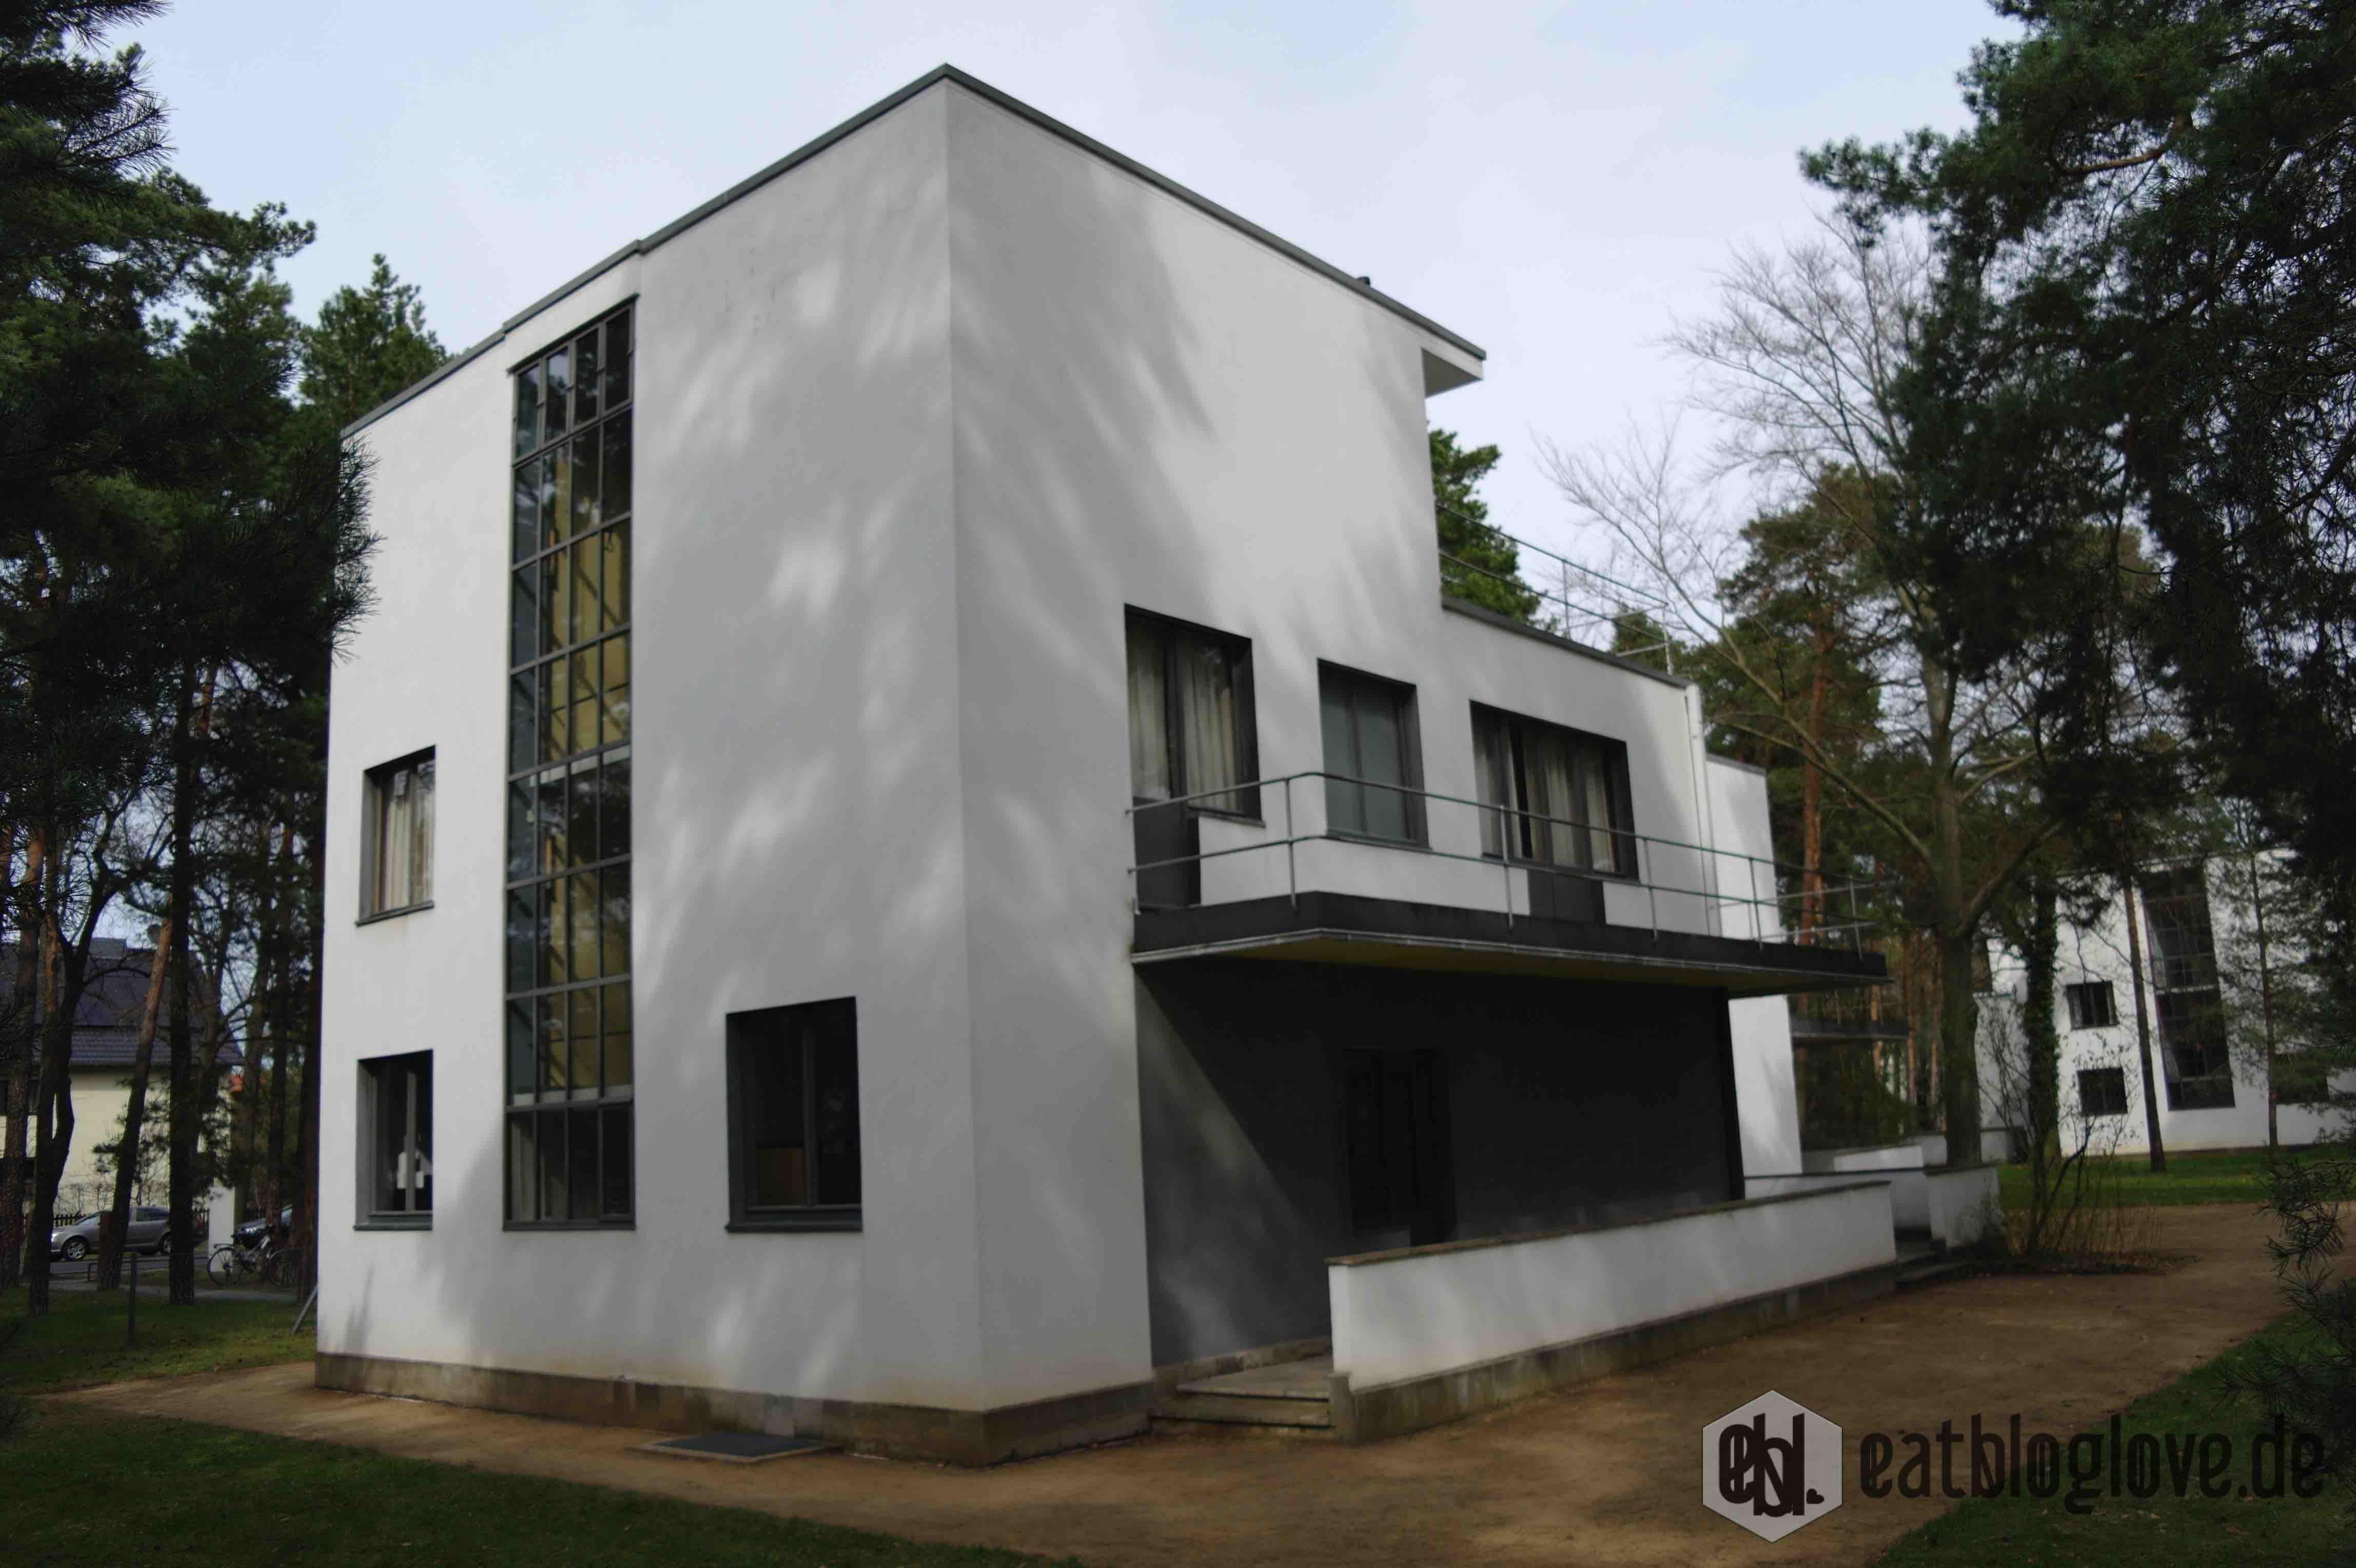 Glücksmomente im Bauhaus02